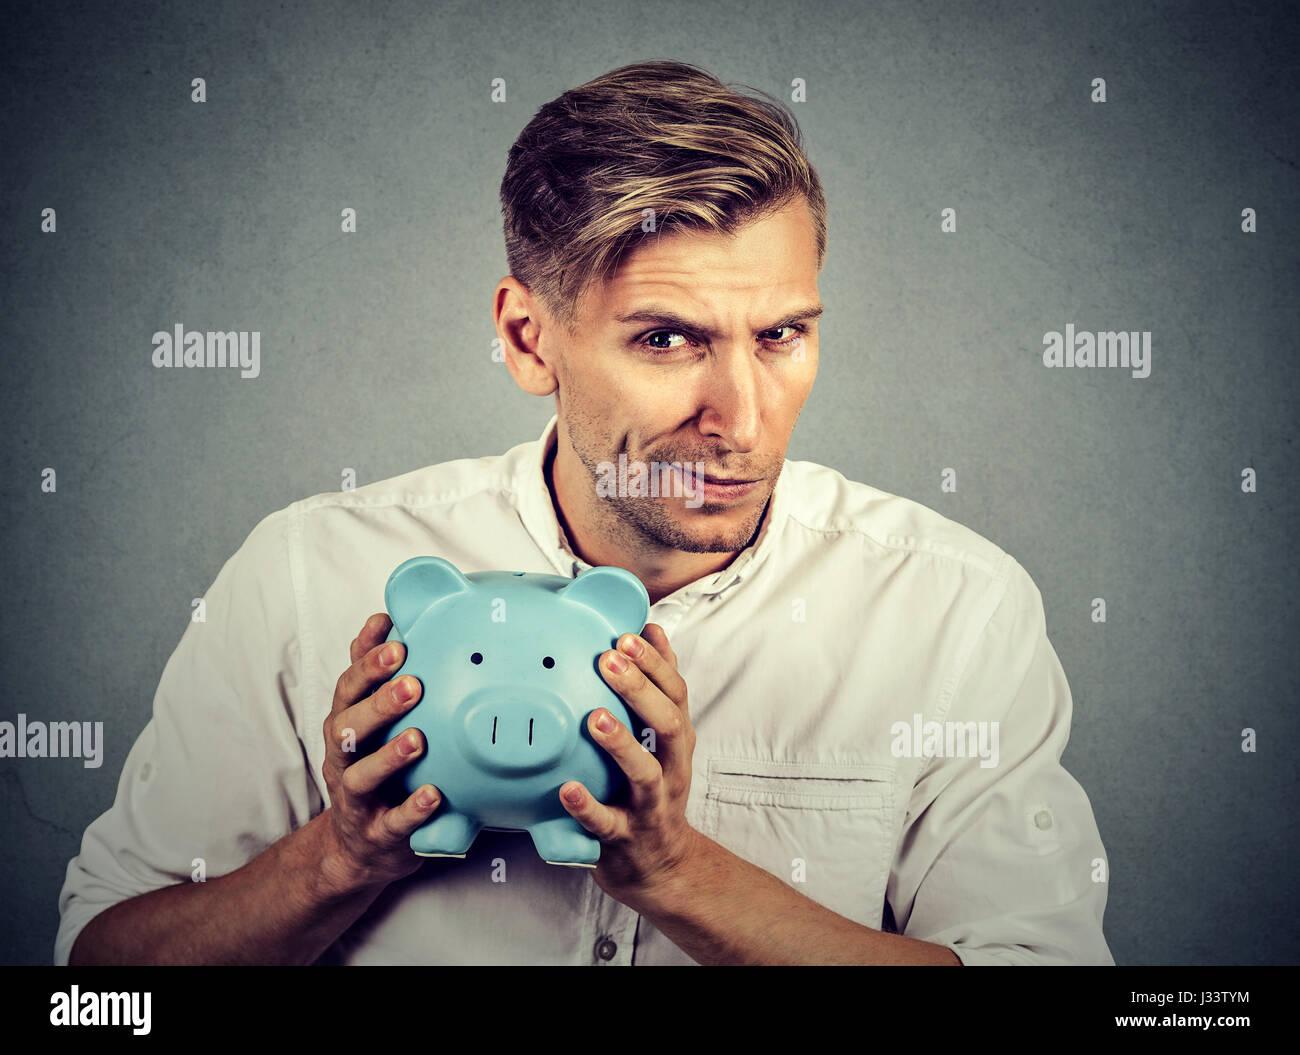 Junge gierige geizig Geschäftsmann hält Sparschwein auf graue Wand Hintergrund isoliert Stockbild